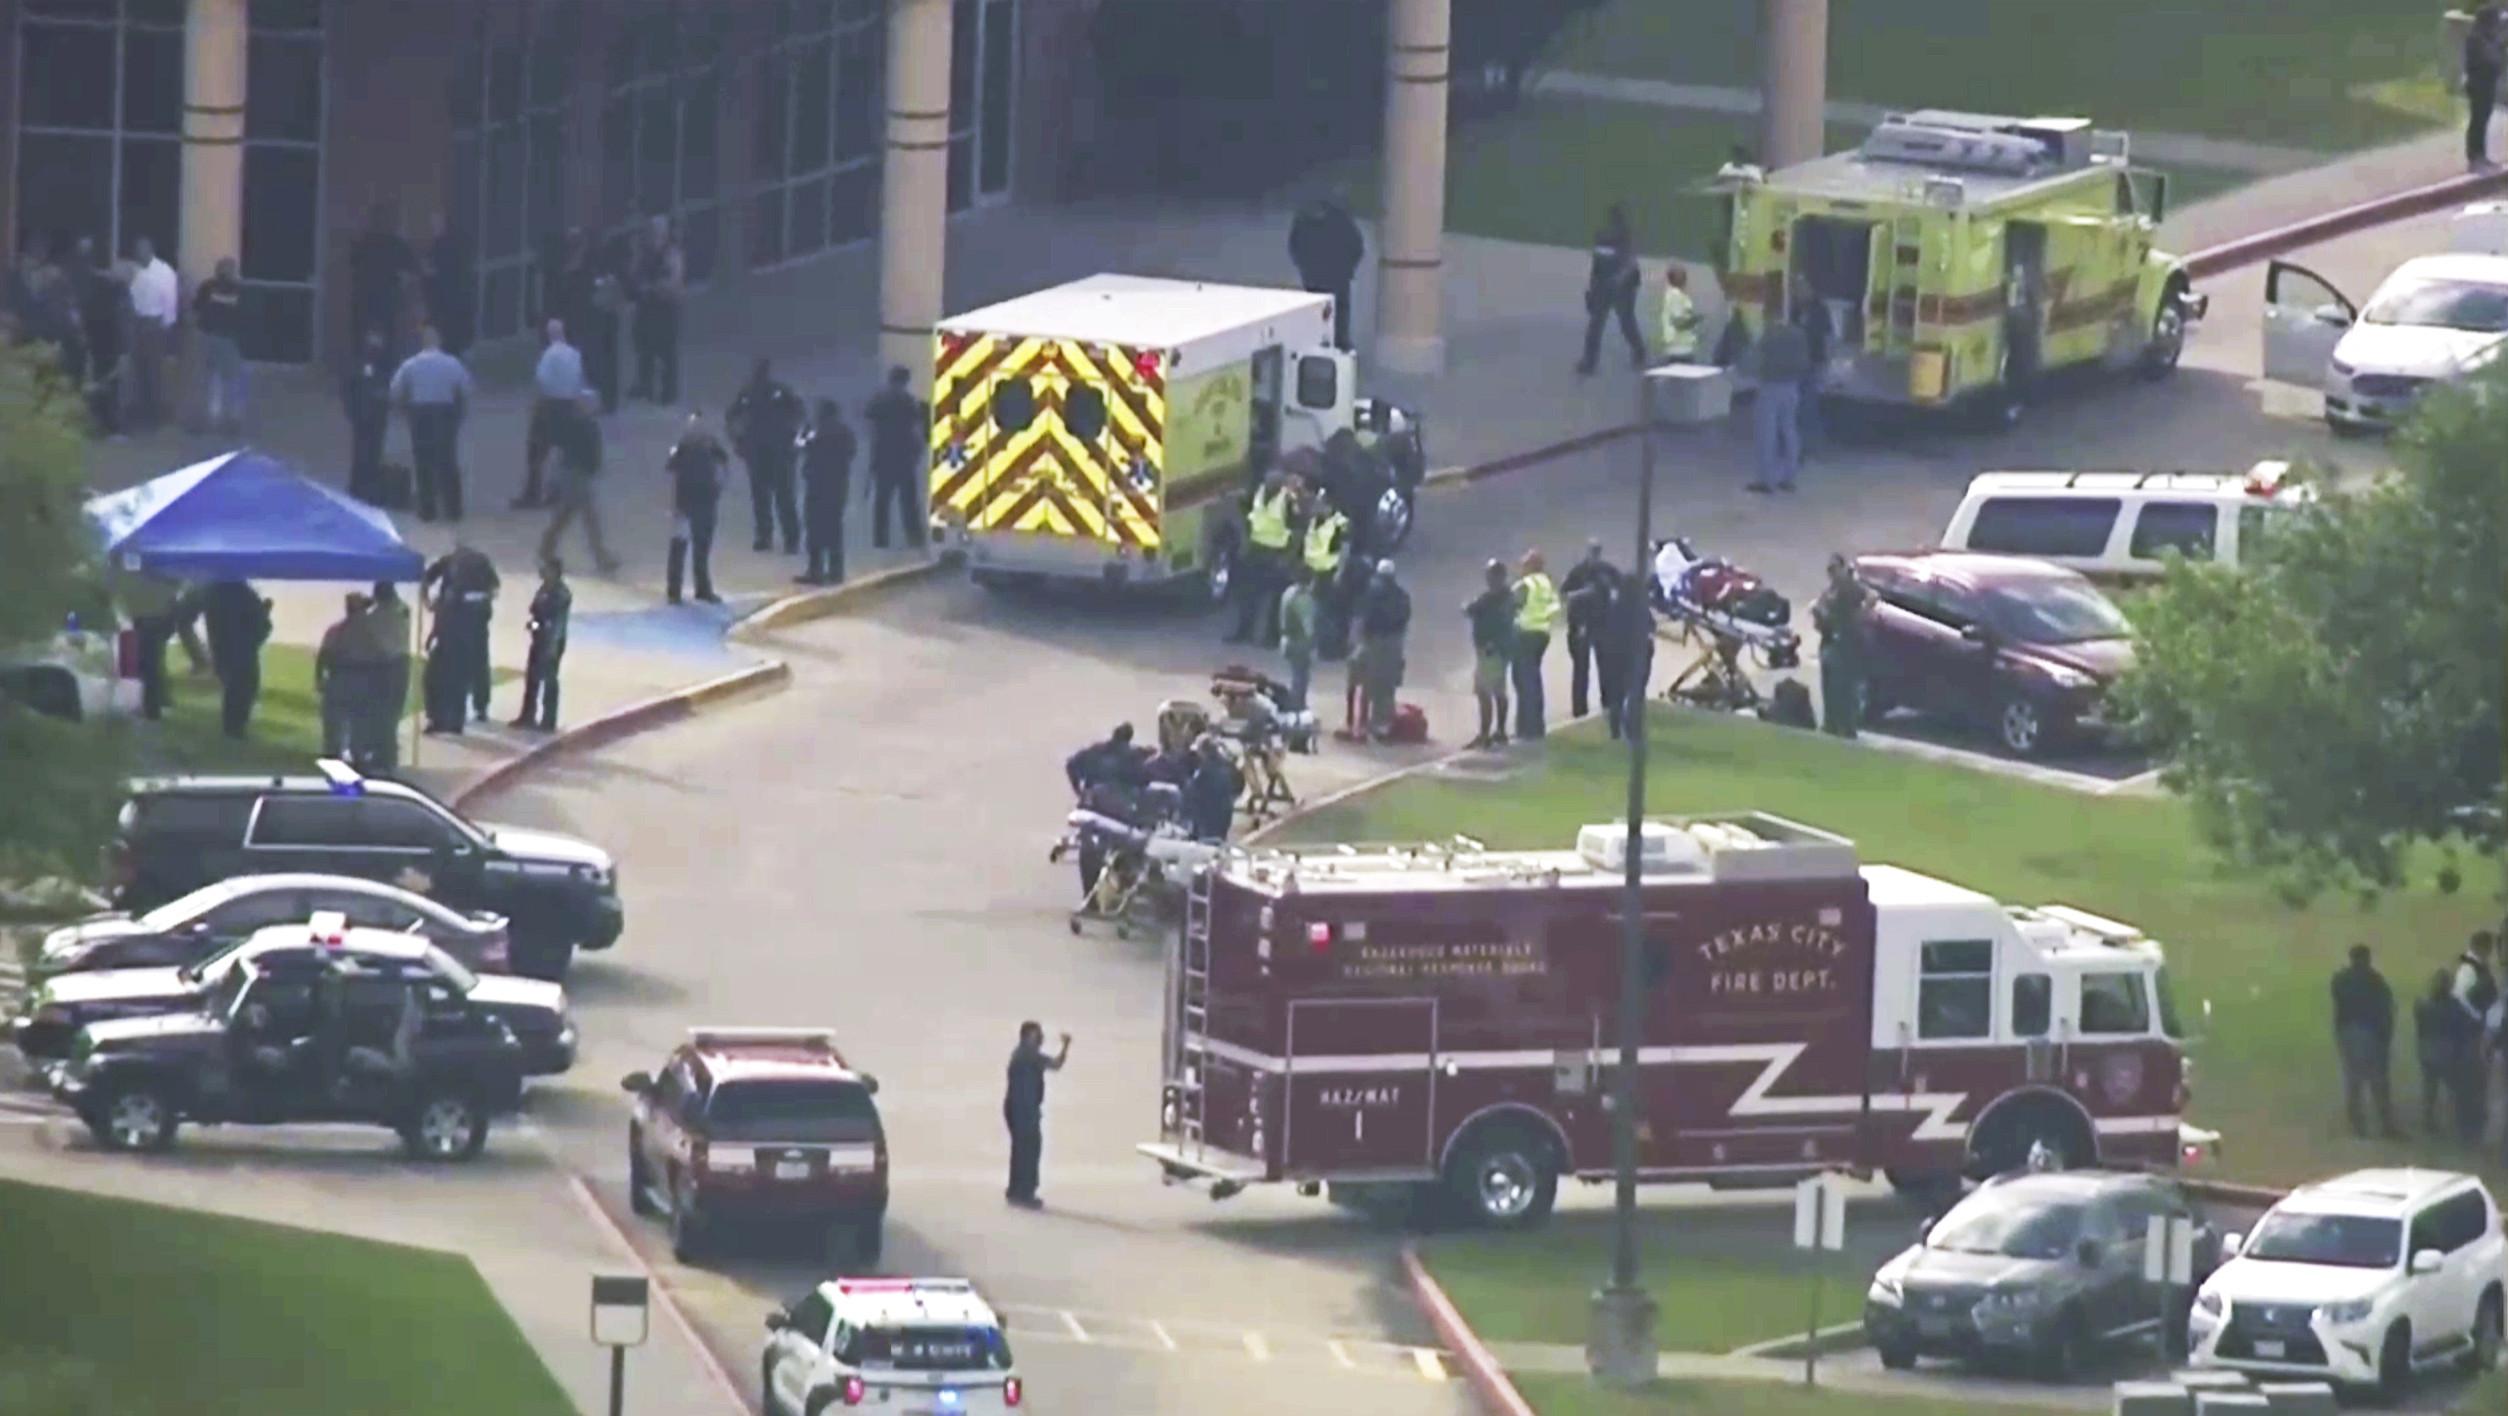 ▲美國德州休士頓的聖塔菲(Santa Fe)高中發生槍擊案,至少8死。(圖/達志影像/美聯社)